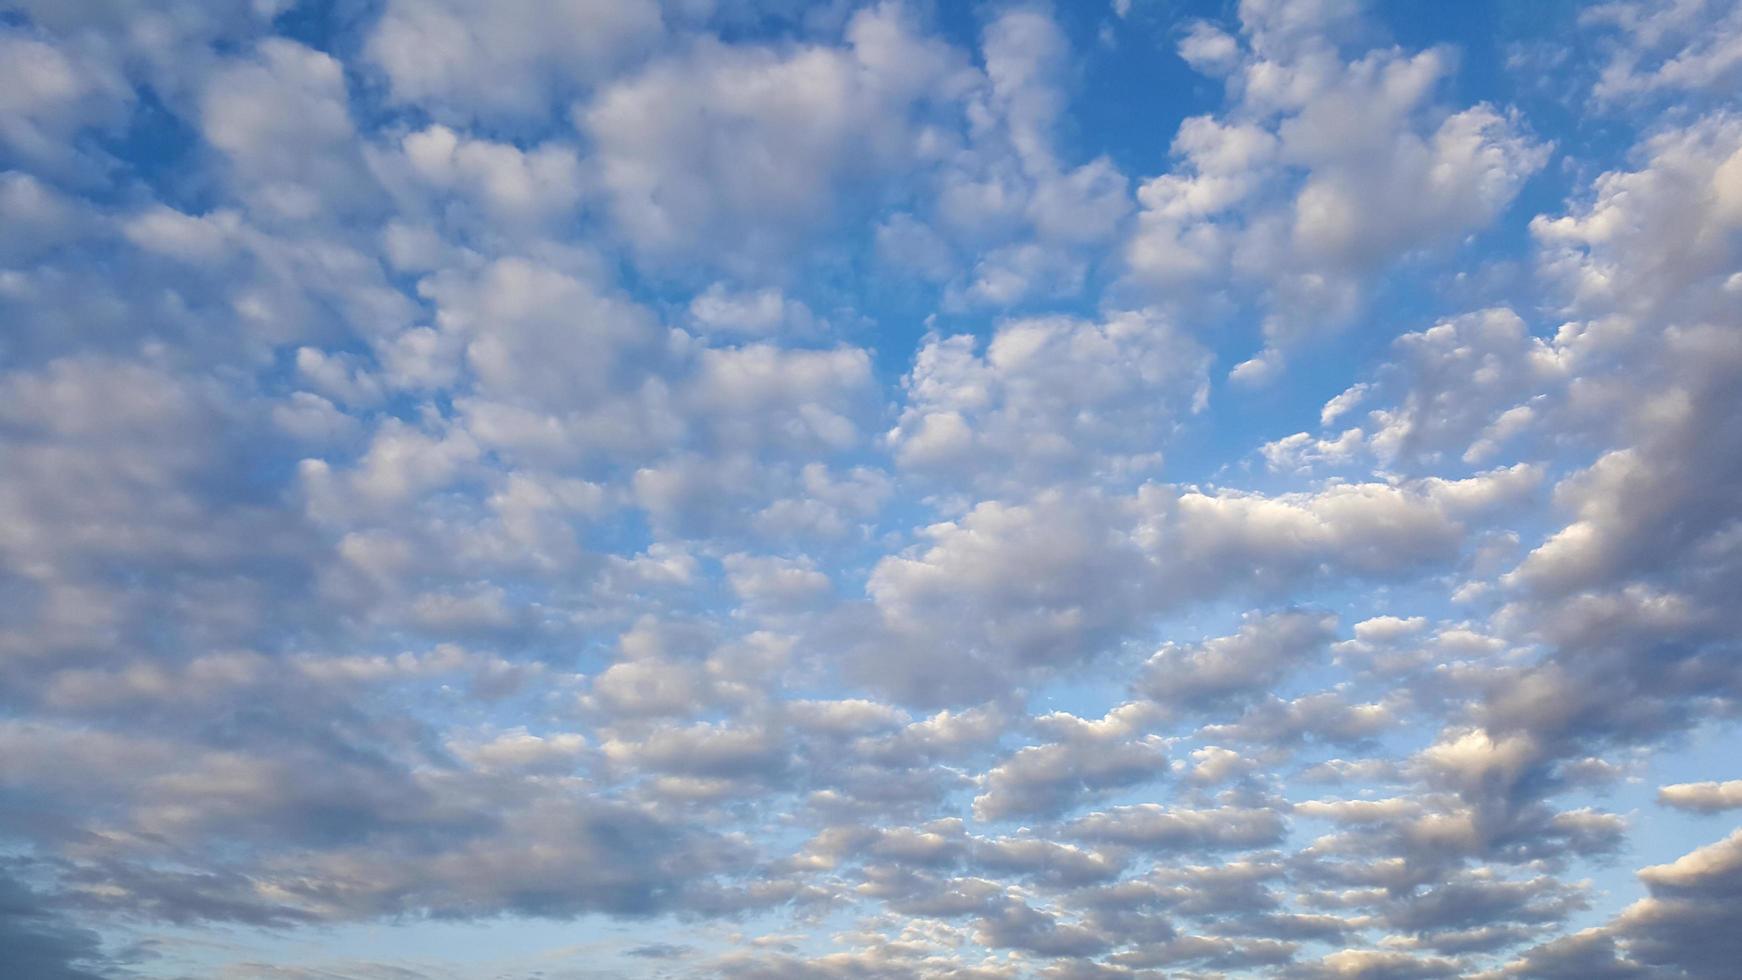 schöner blauer Himmel mit Wolken foto